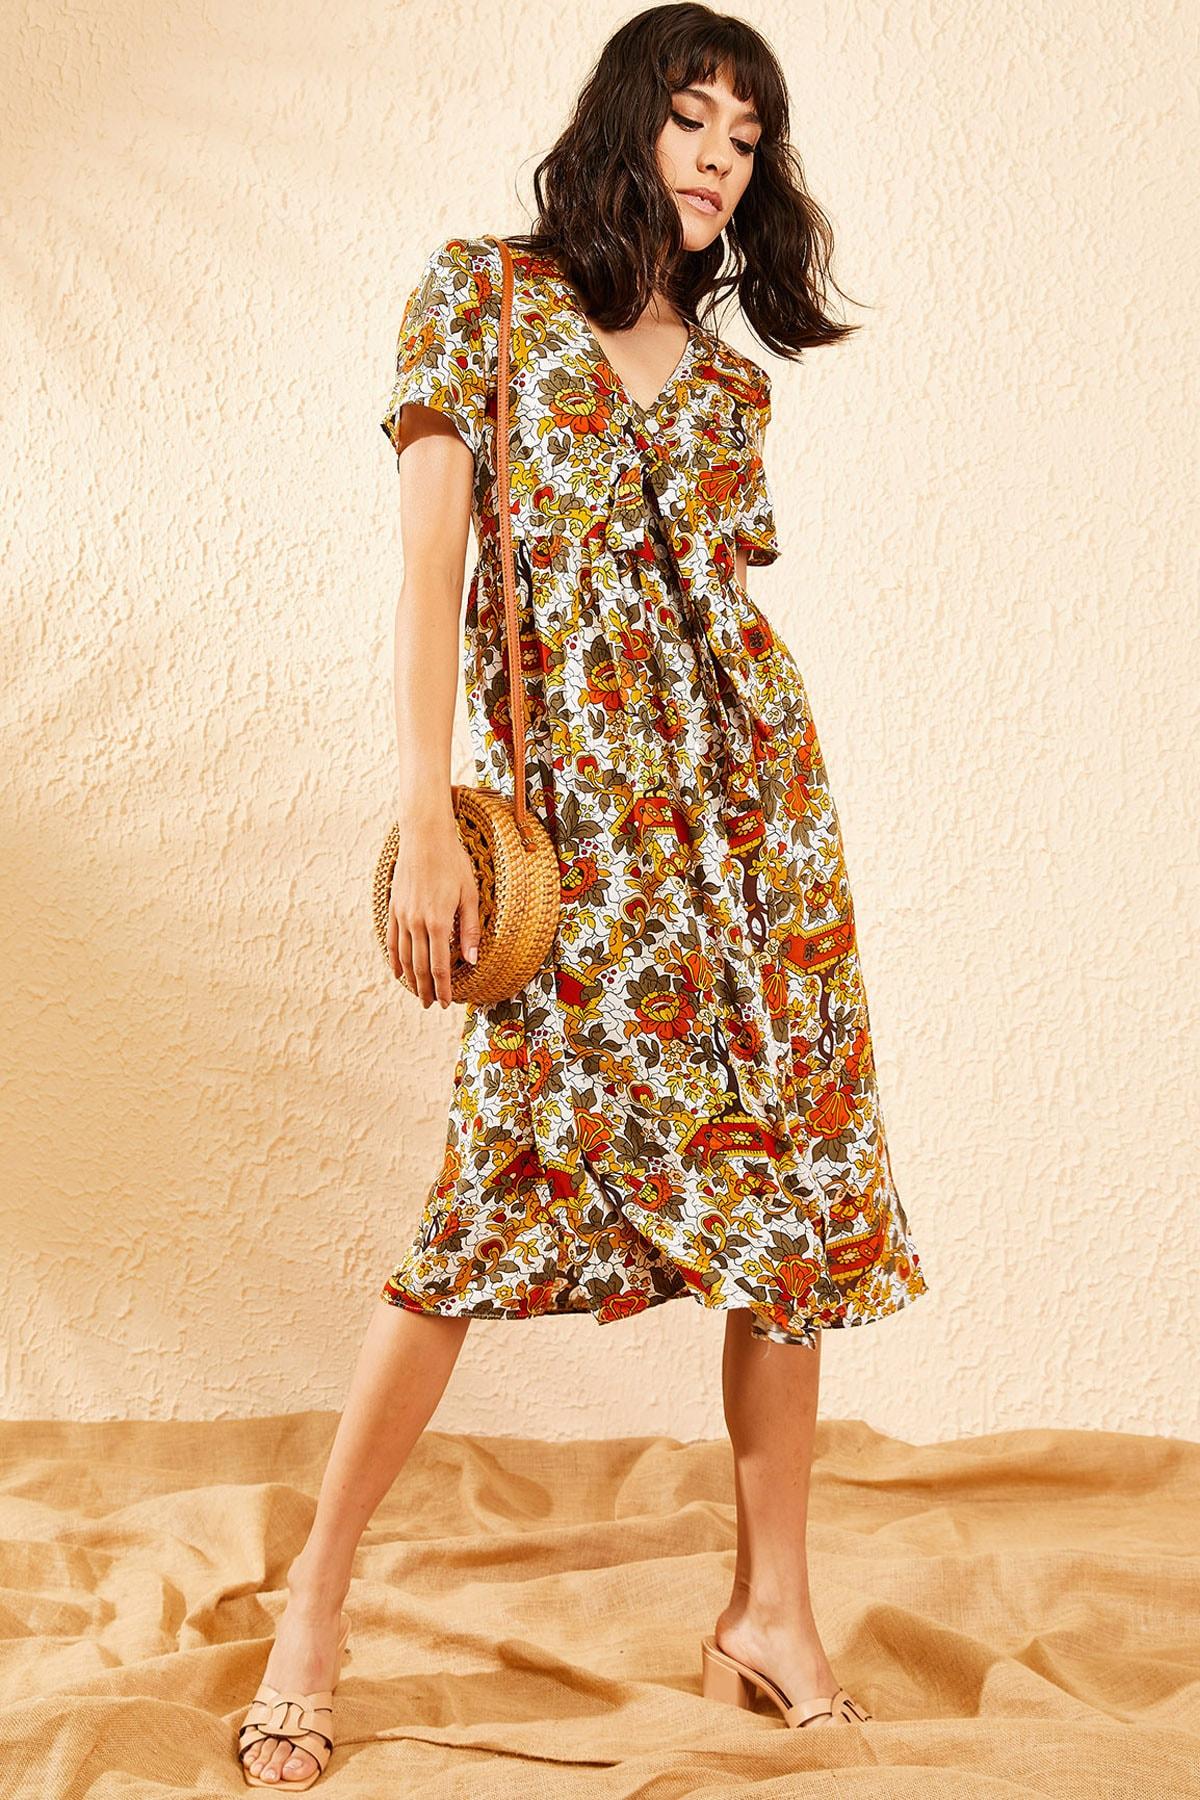 Bianco Lucci Kadın Beyaz Multi Çiçek Desenli Düğme Detaylı Uzun Gömlek  Elbise 10081006 0